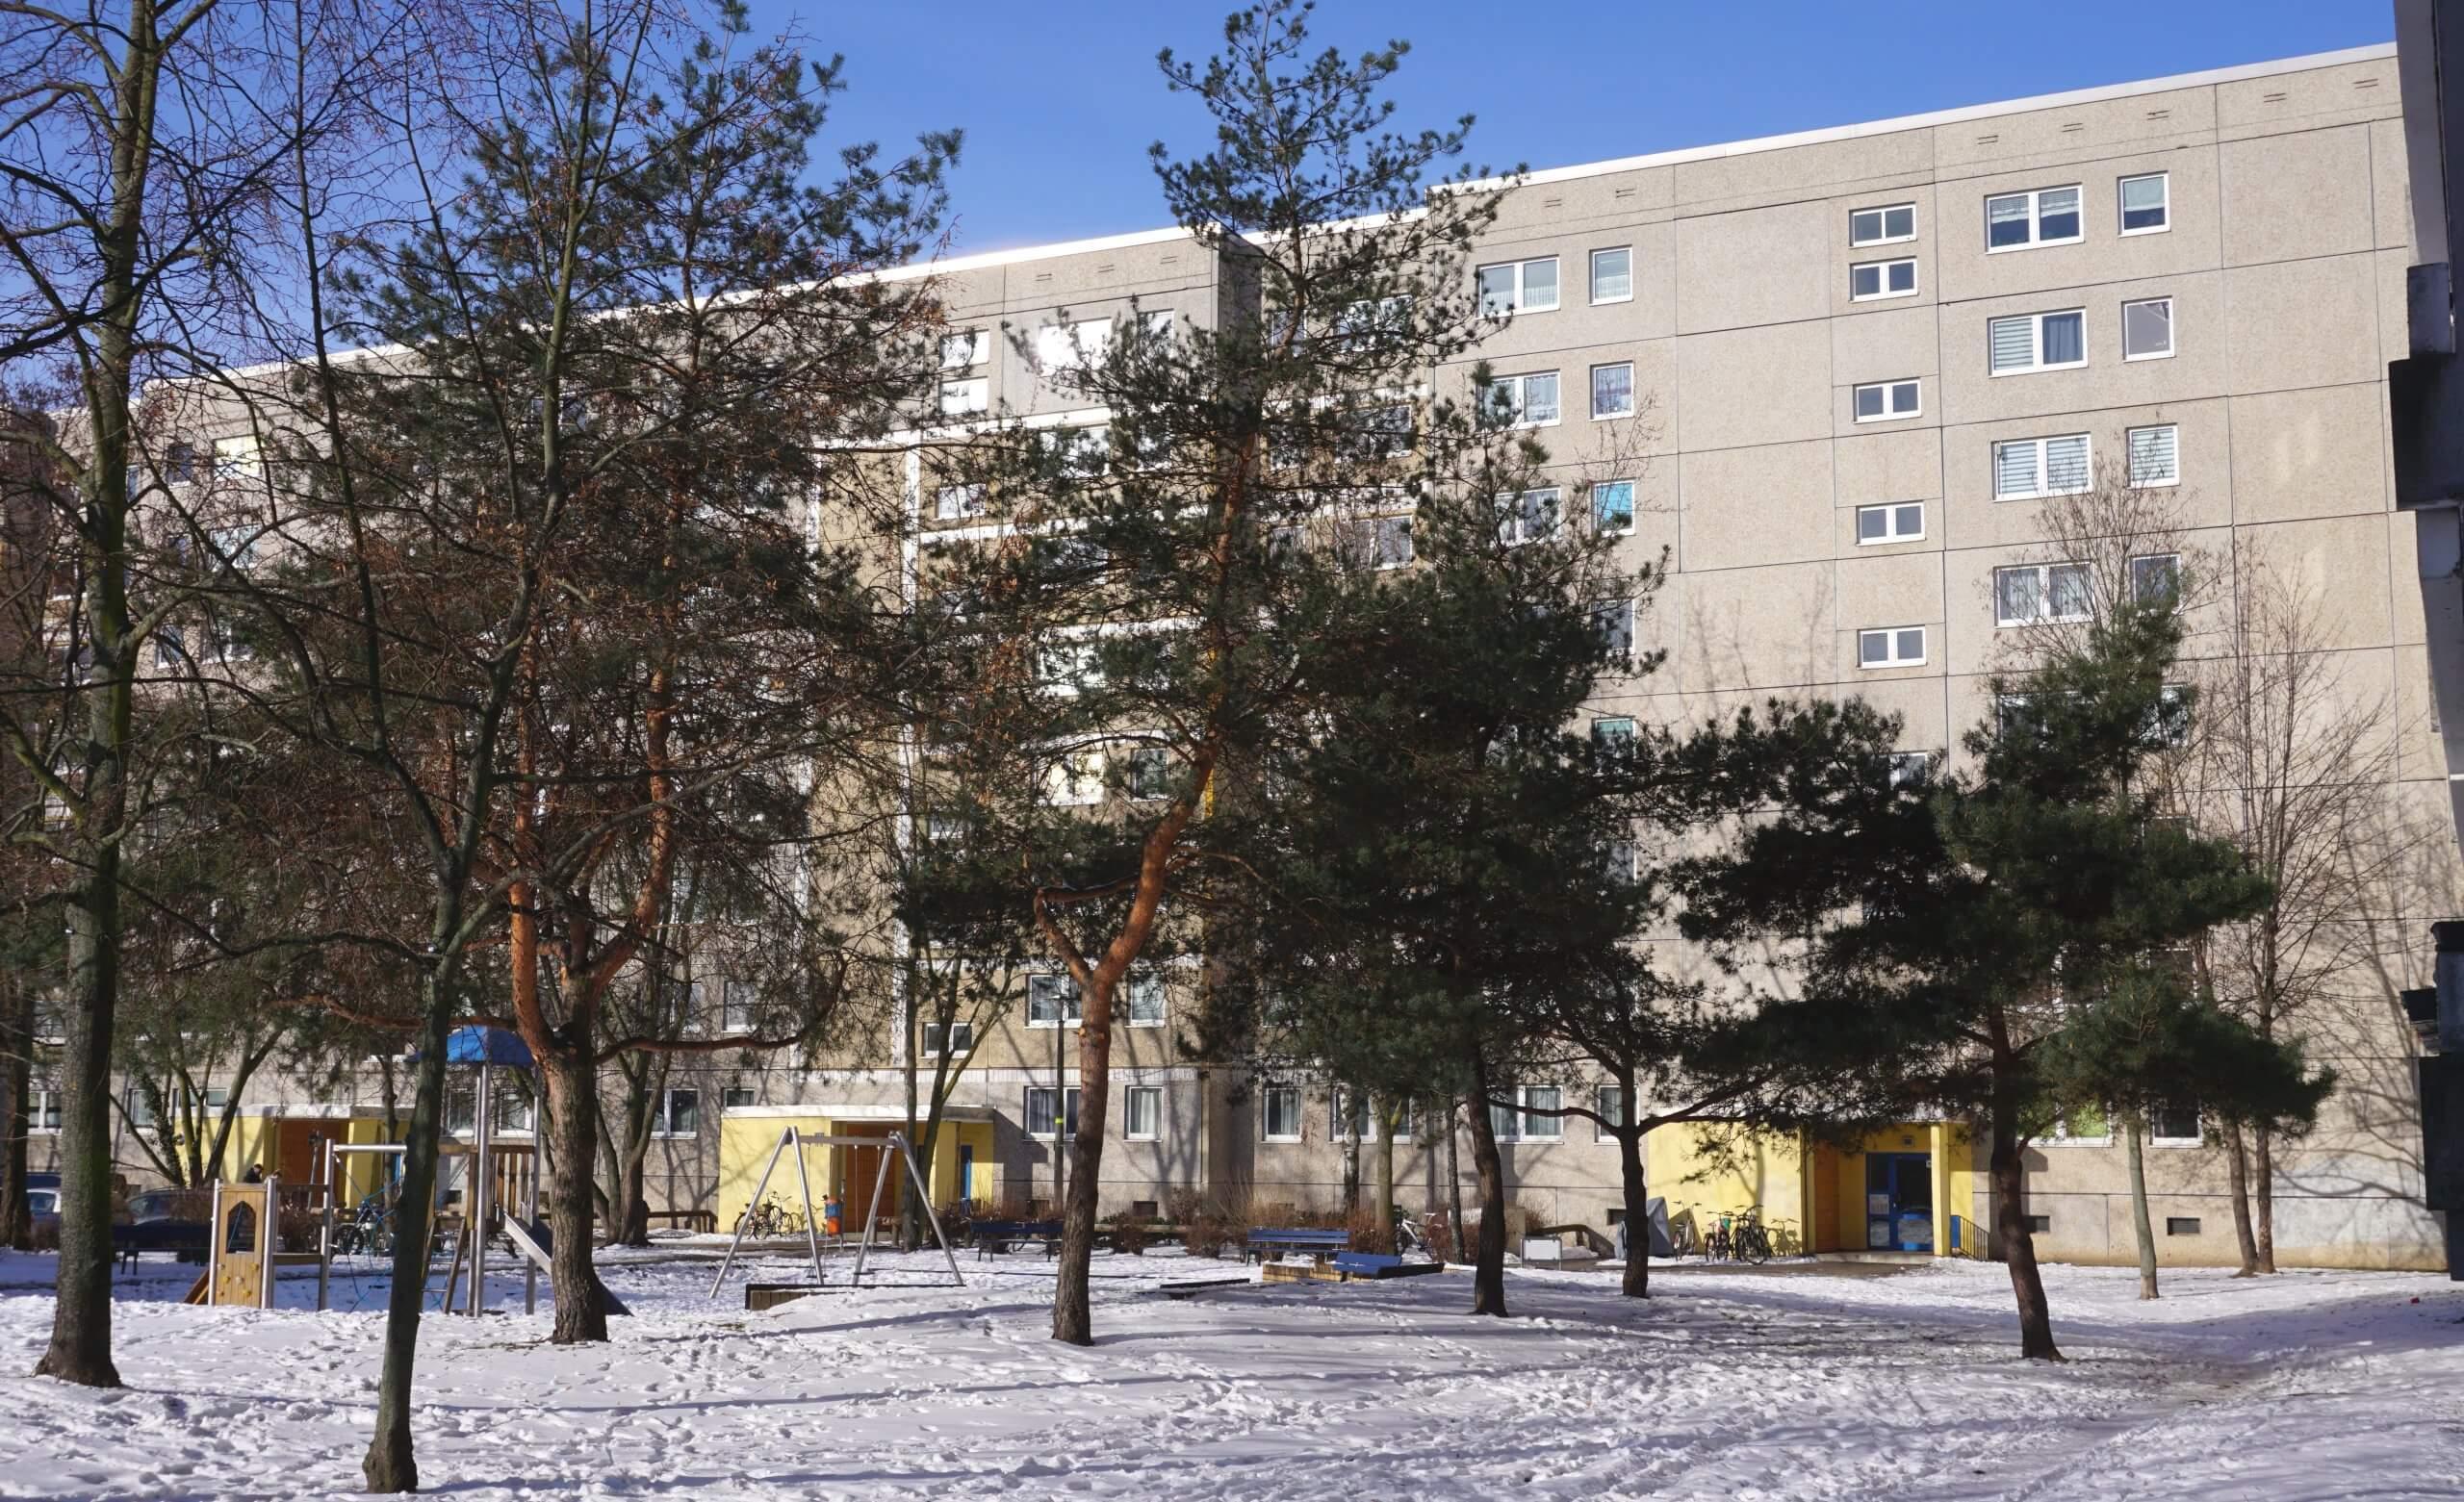 Das Bild zeigt eine Anzahl von Wald-Kiefern in einer Grünanlage im zentralen Kosmosviertel unweit des Bürgerhauses.